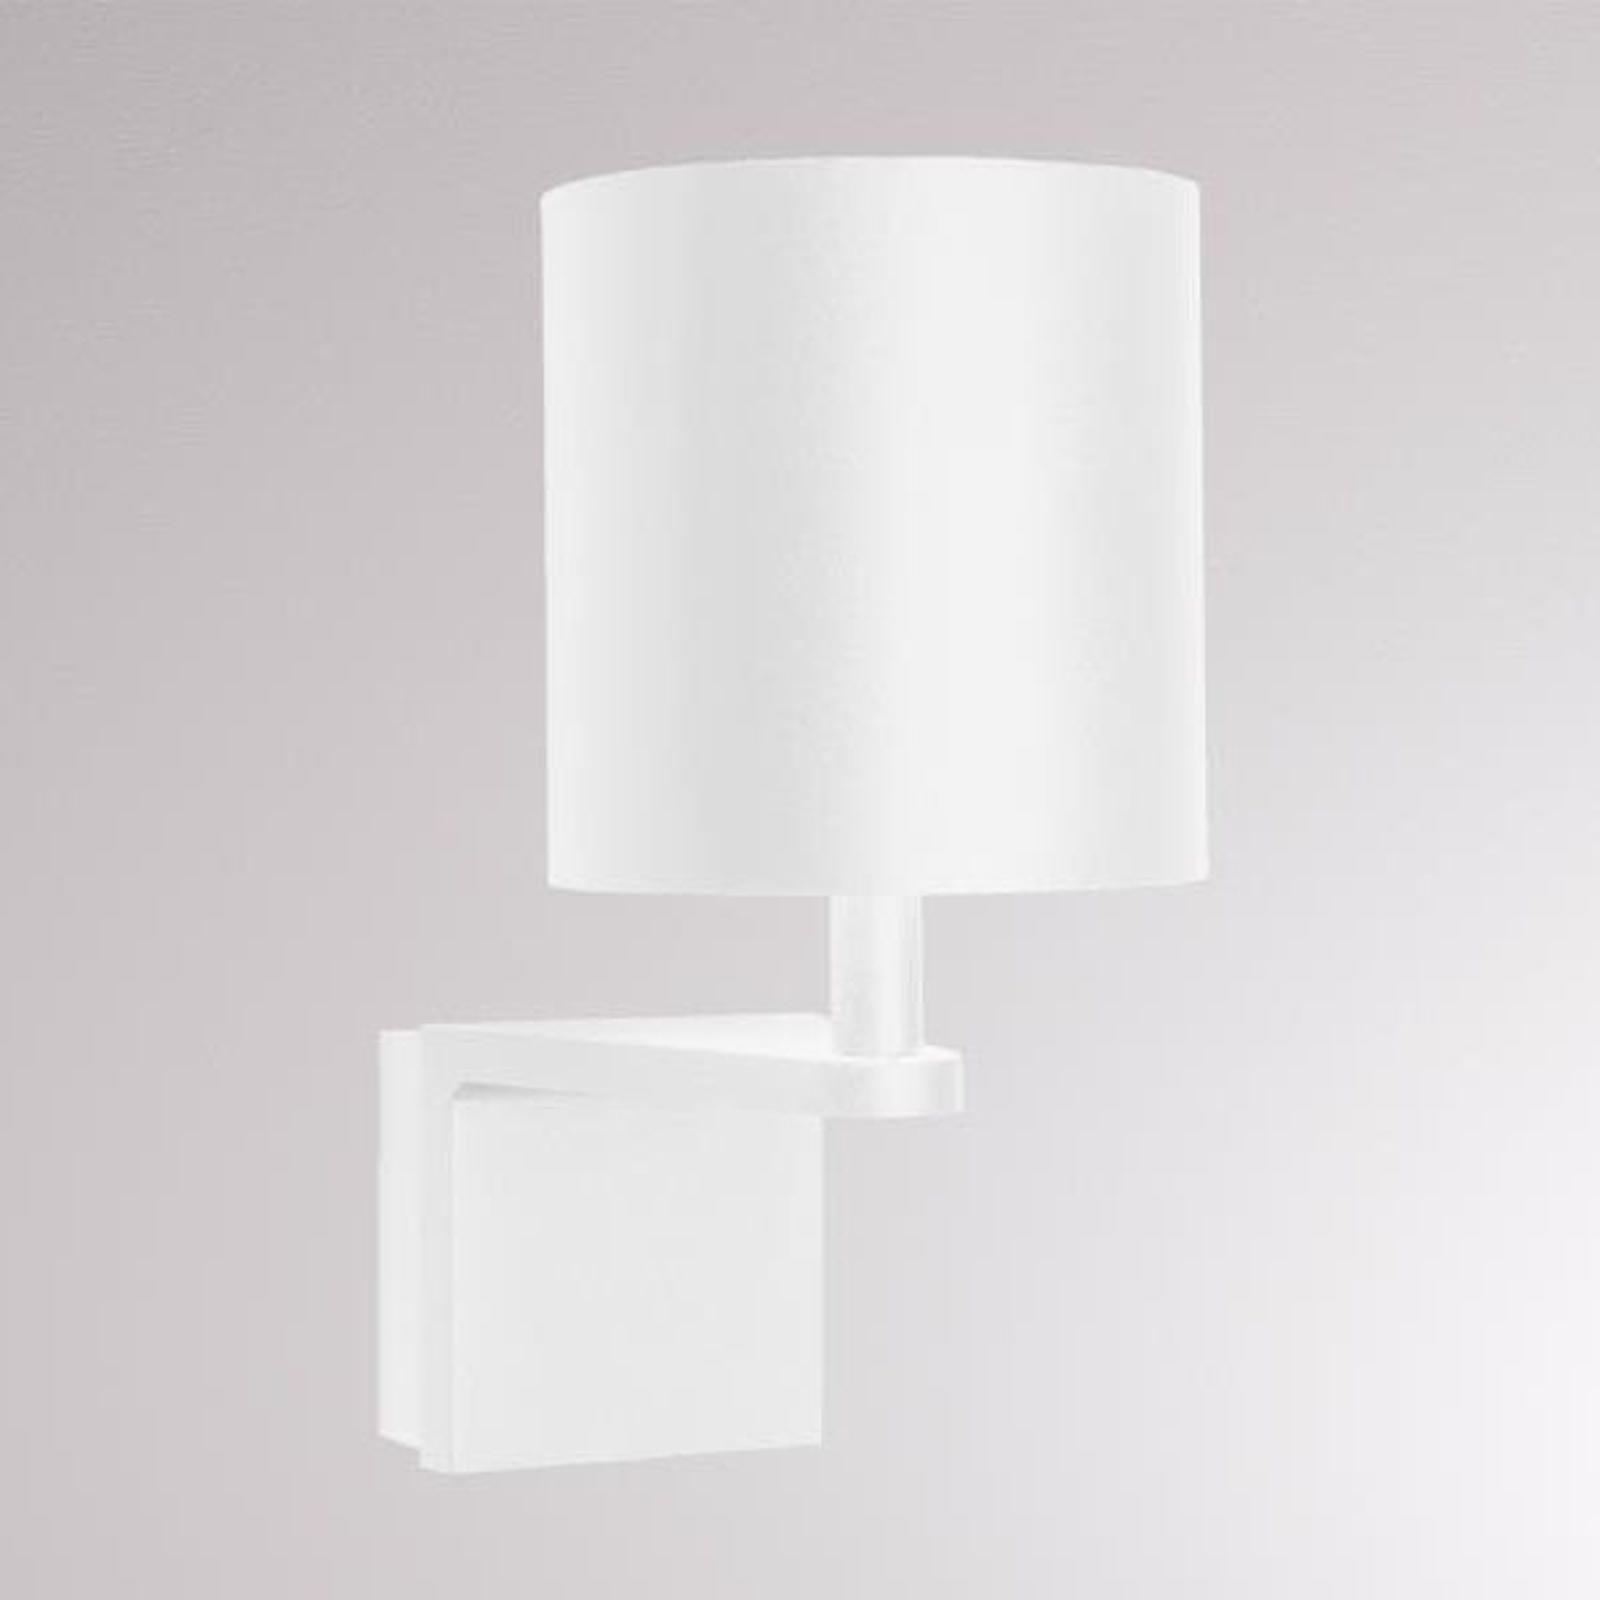 LOUM Waamp LED-Wandleuchte weiß